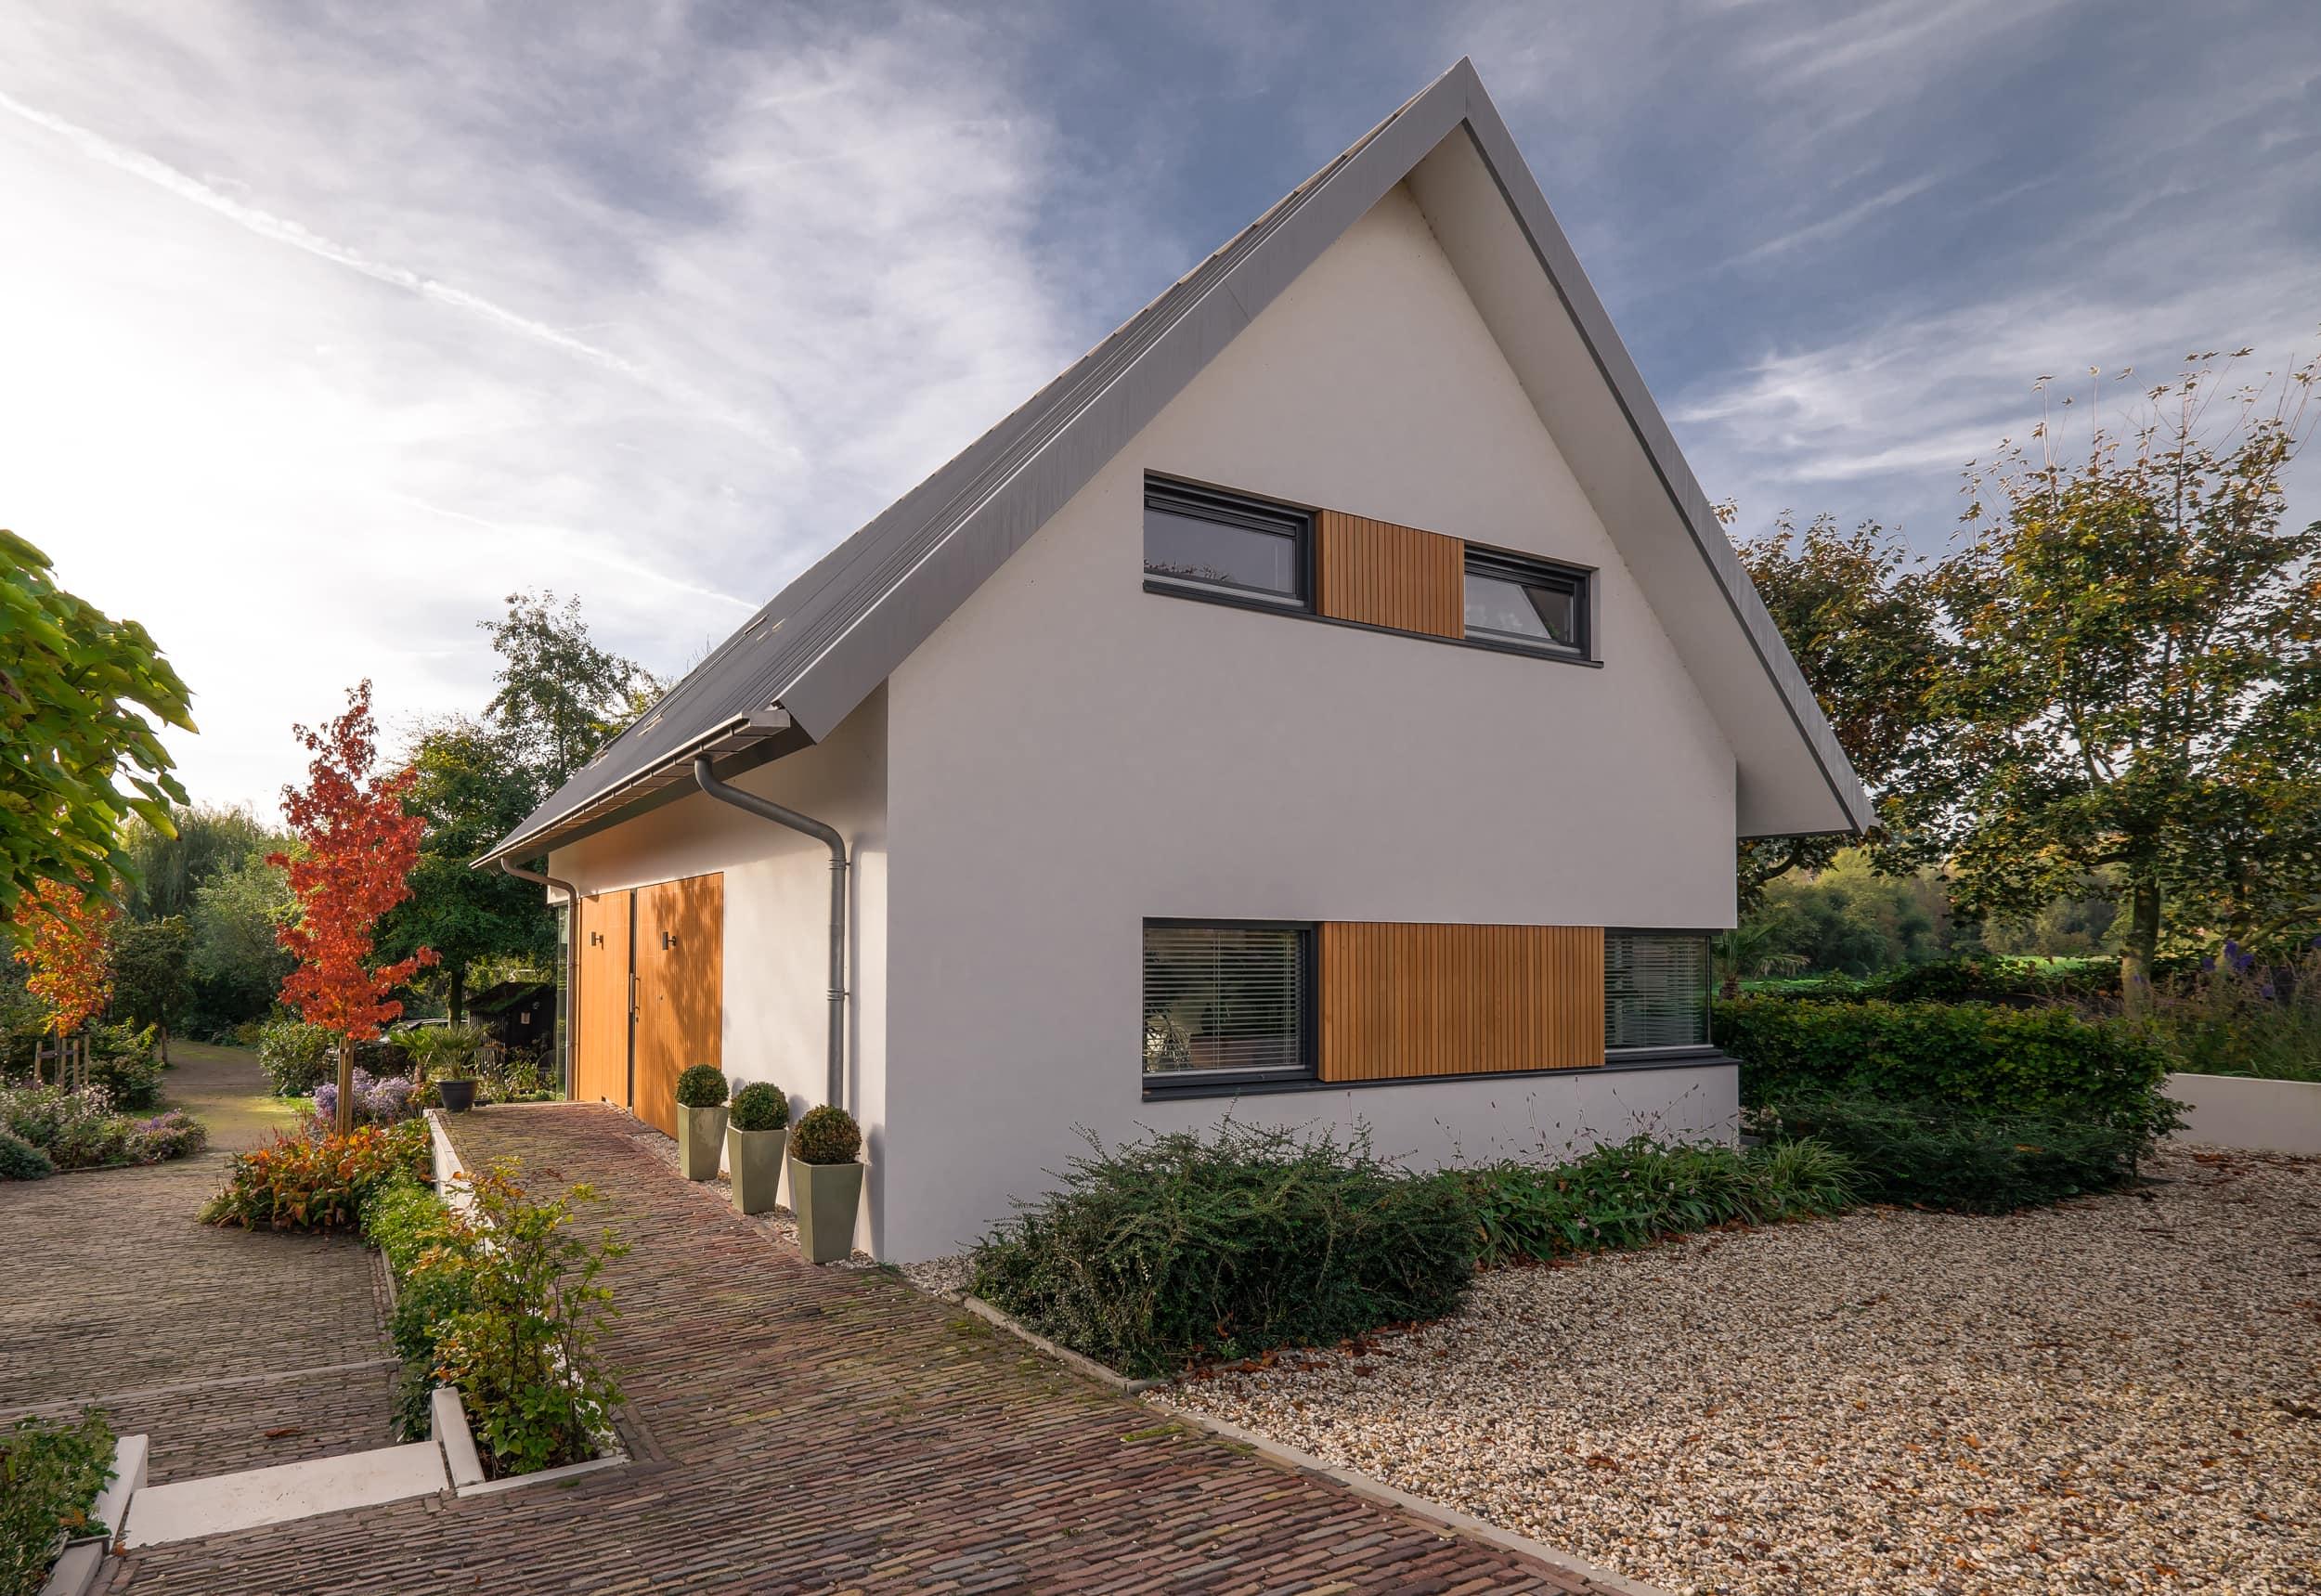 van-os-architecten-nieuwbouw-dijkwoning-rottekade-zevenhuizen-stucwerk-voorgevel-met-houten-kozijnen